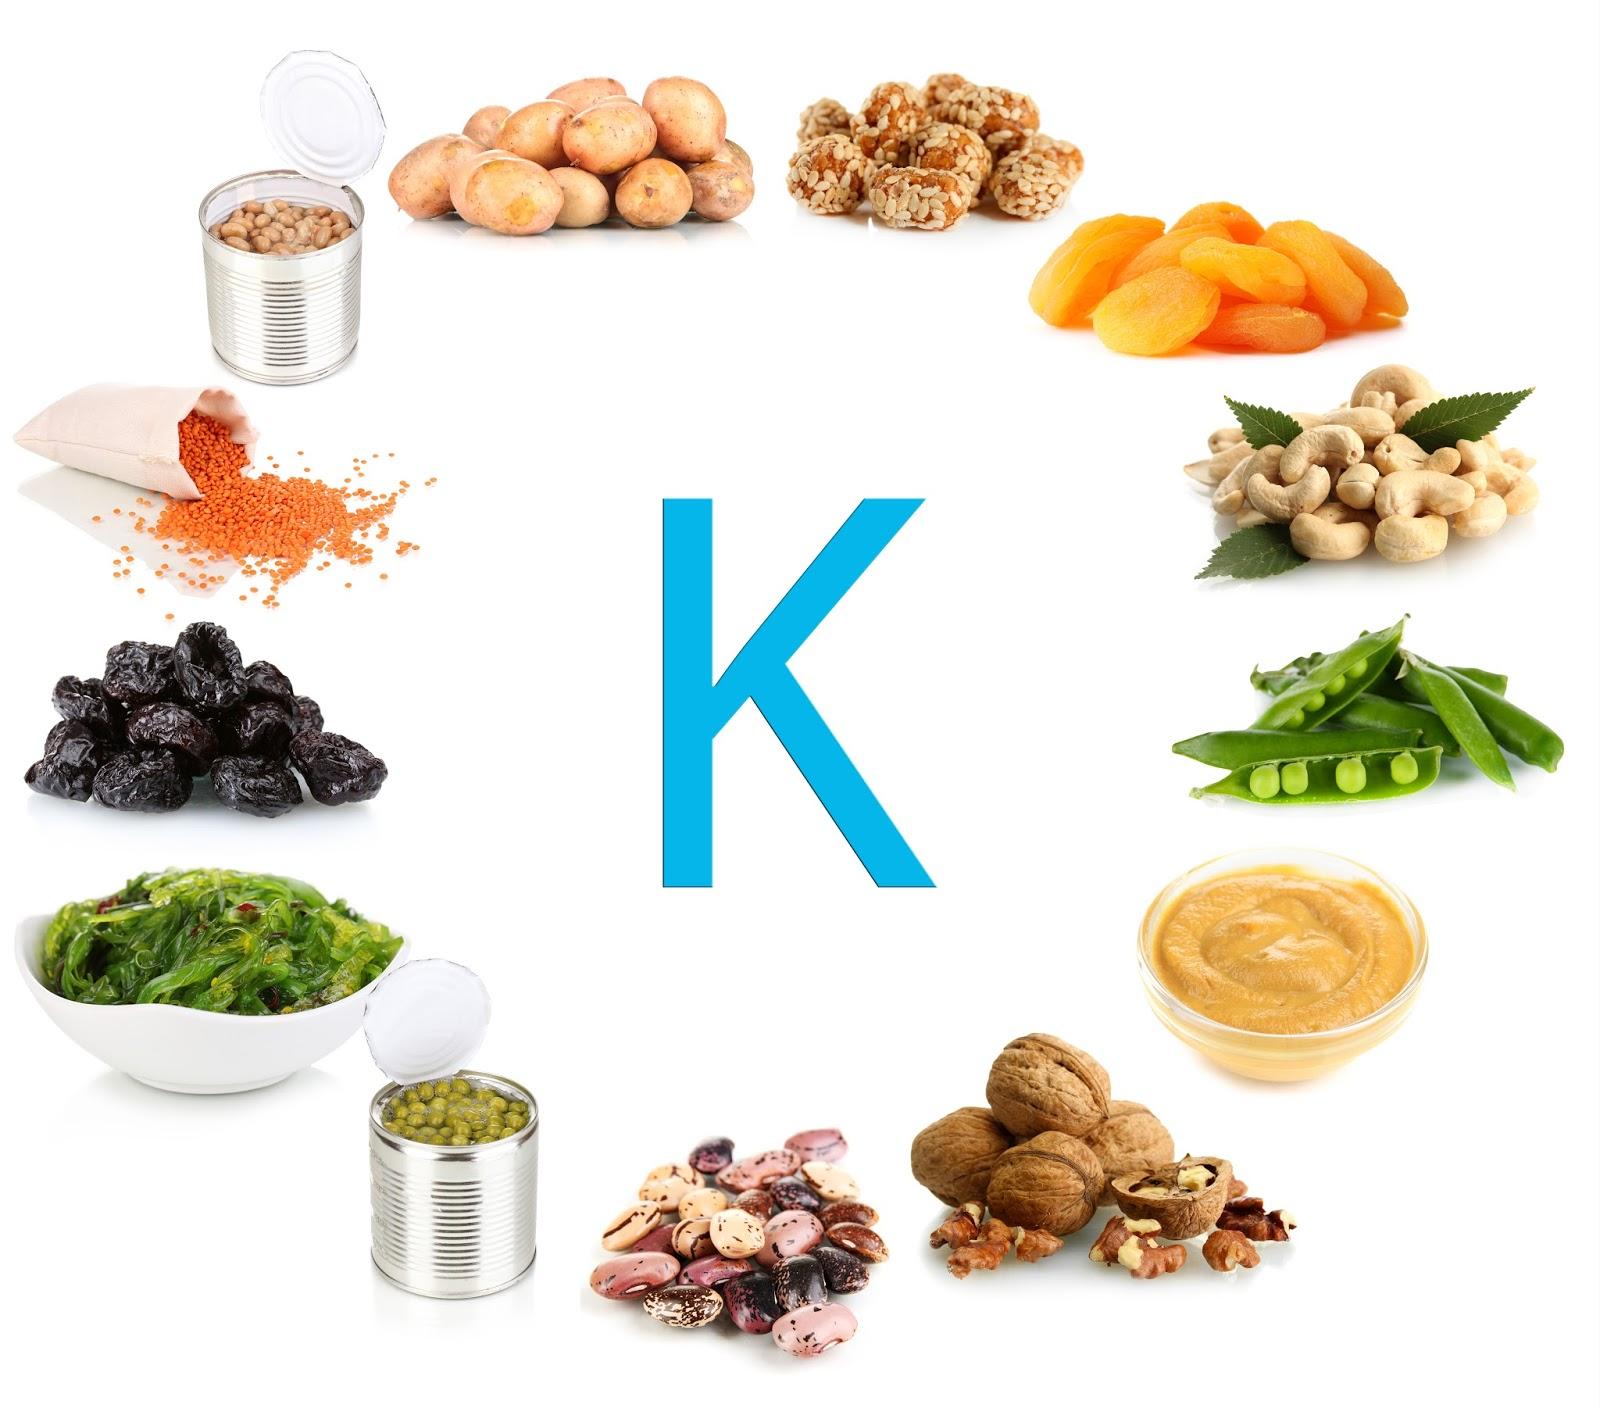 Düşük kalorili kuruyemişler: liste, kullanışlı özellikler ve özellikler